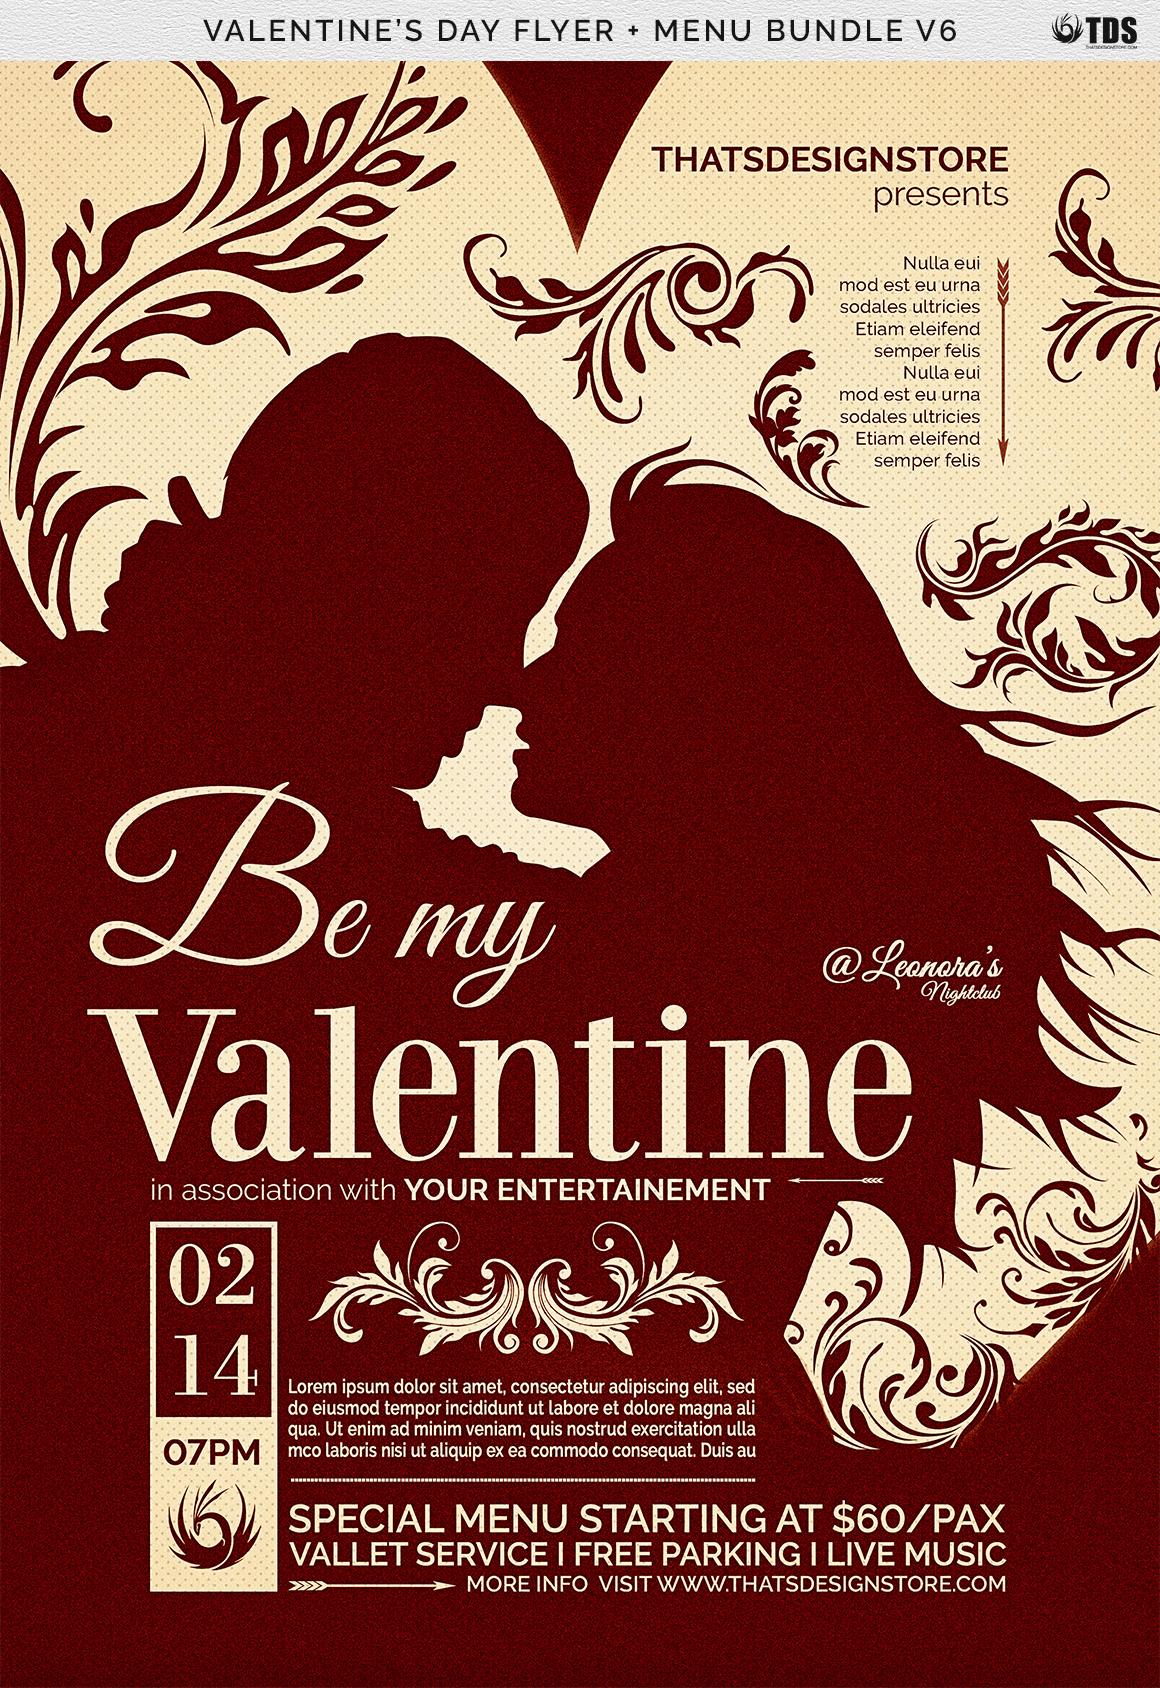 Valentines Day Flyer + Menu Bundle V6 example image 8